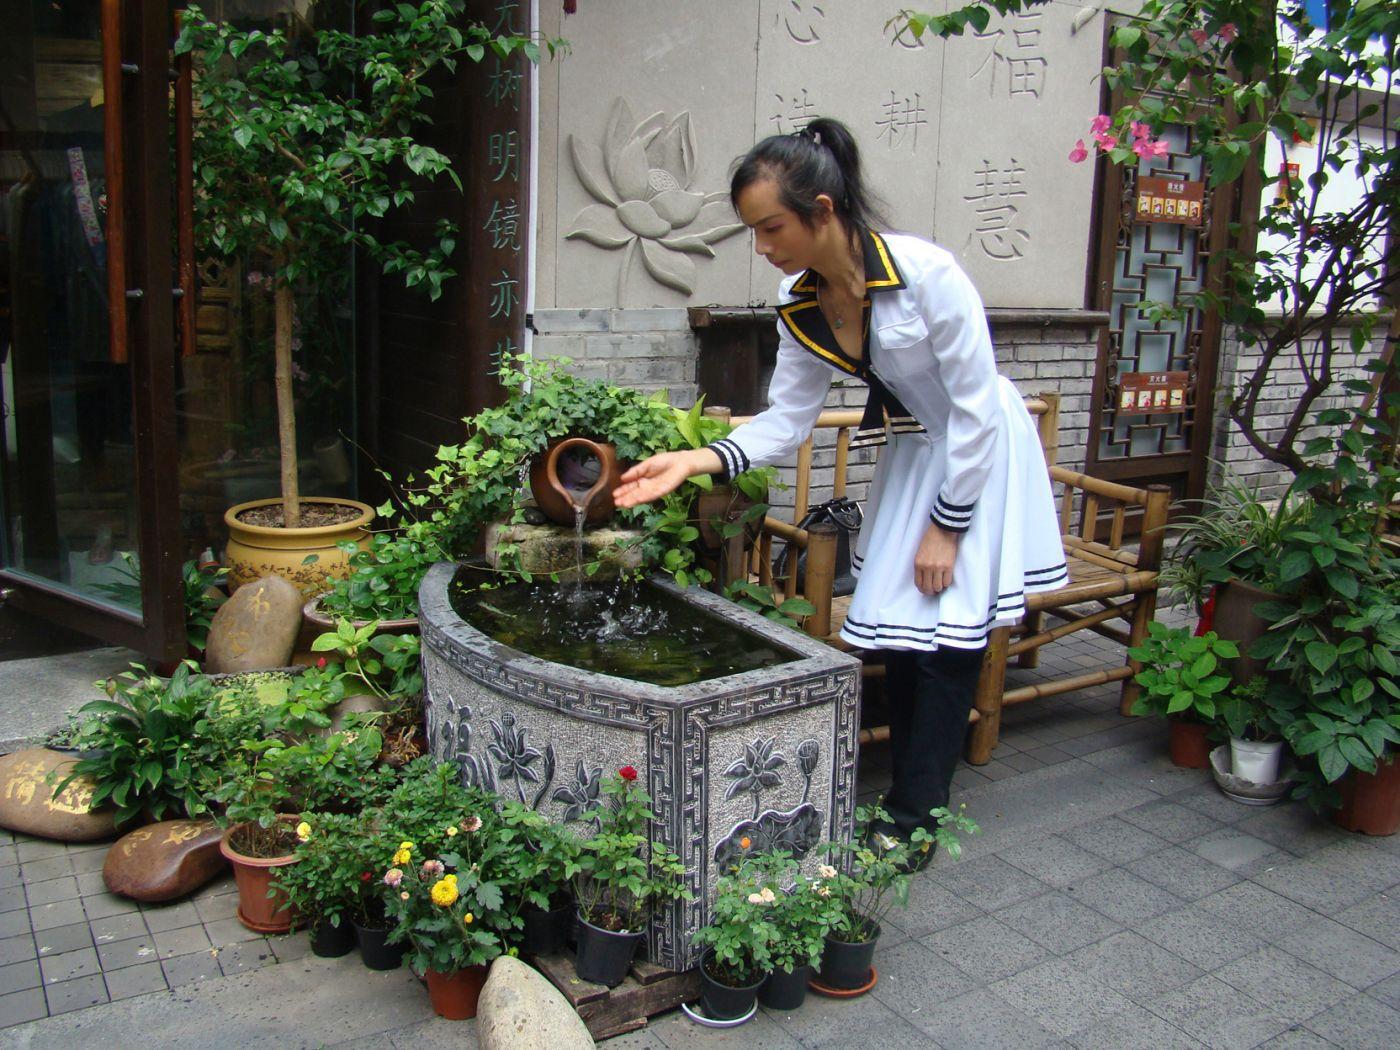 重庆长嘉汇弹子石老街_图1-6